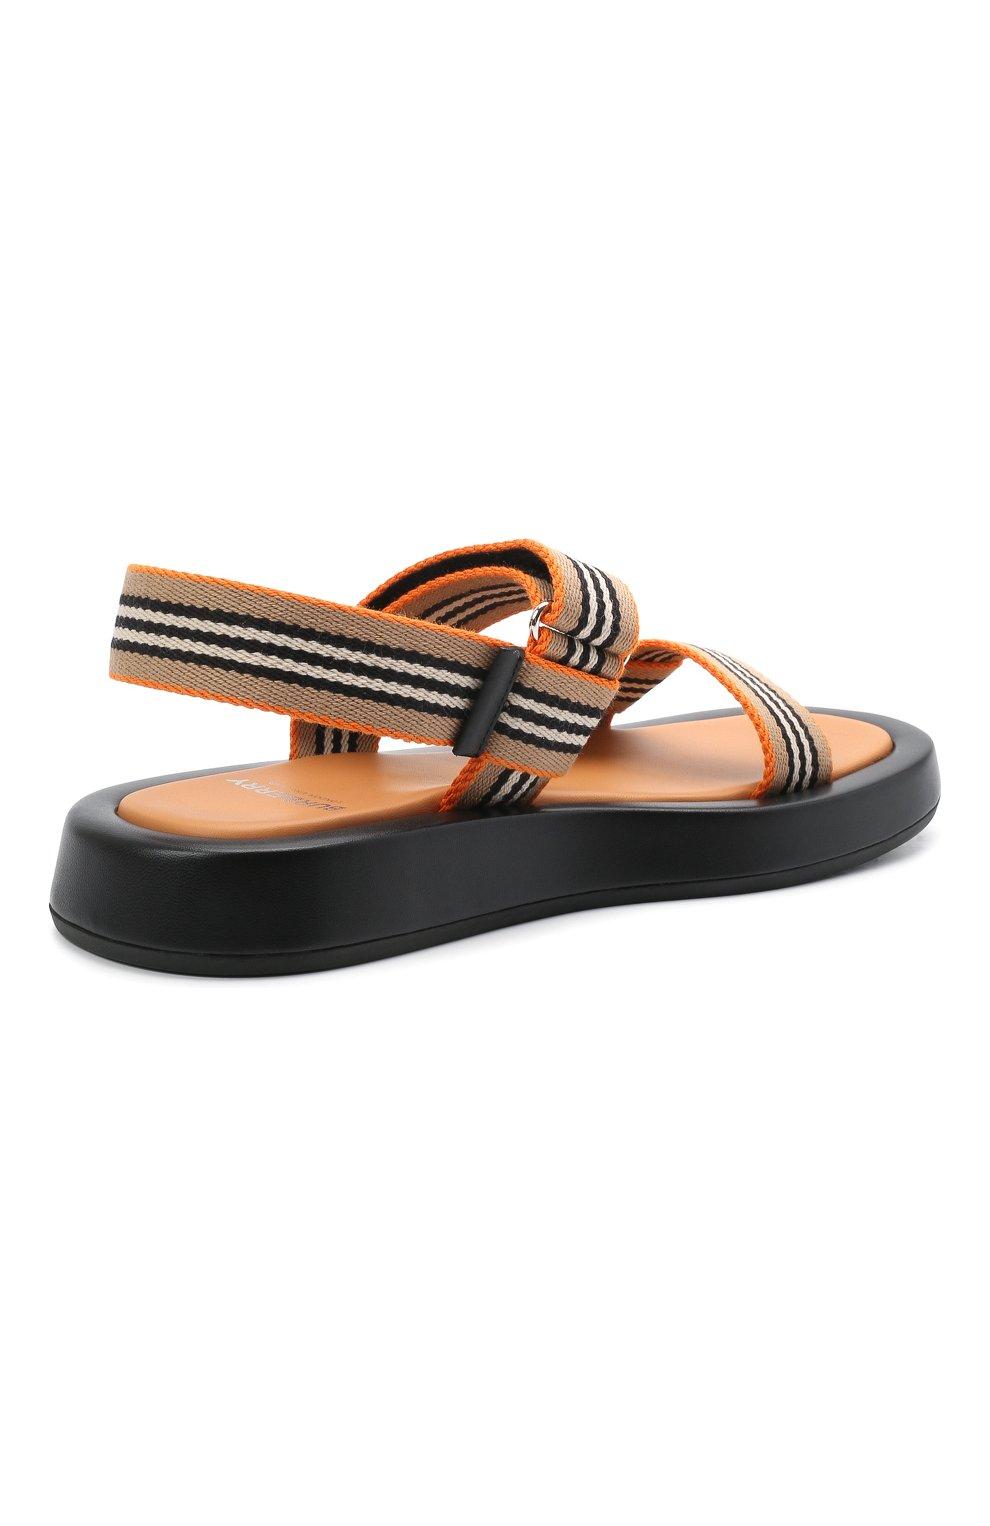 Женские комбинированные сандалии BURBERRY коричневого цвета, арт. 8040187   Фото 4 (Материал внешний: Текстиль; Подошва: Платформа; Материал внутренний: Натуральная кожа)